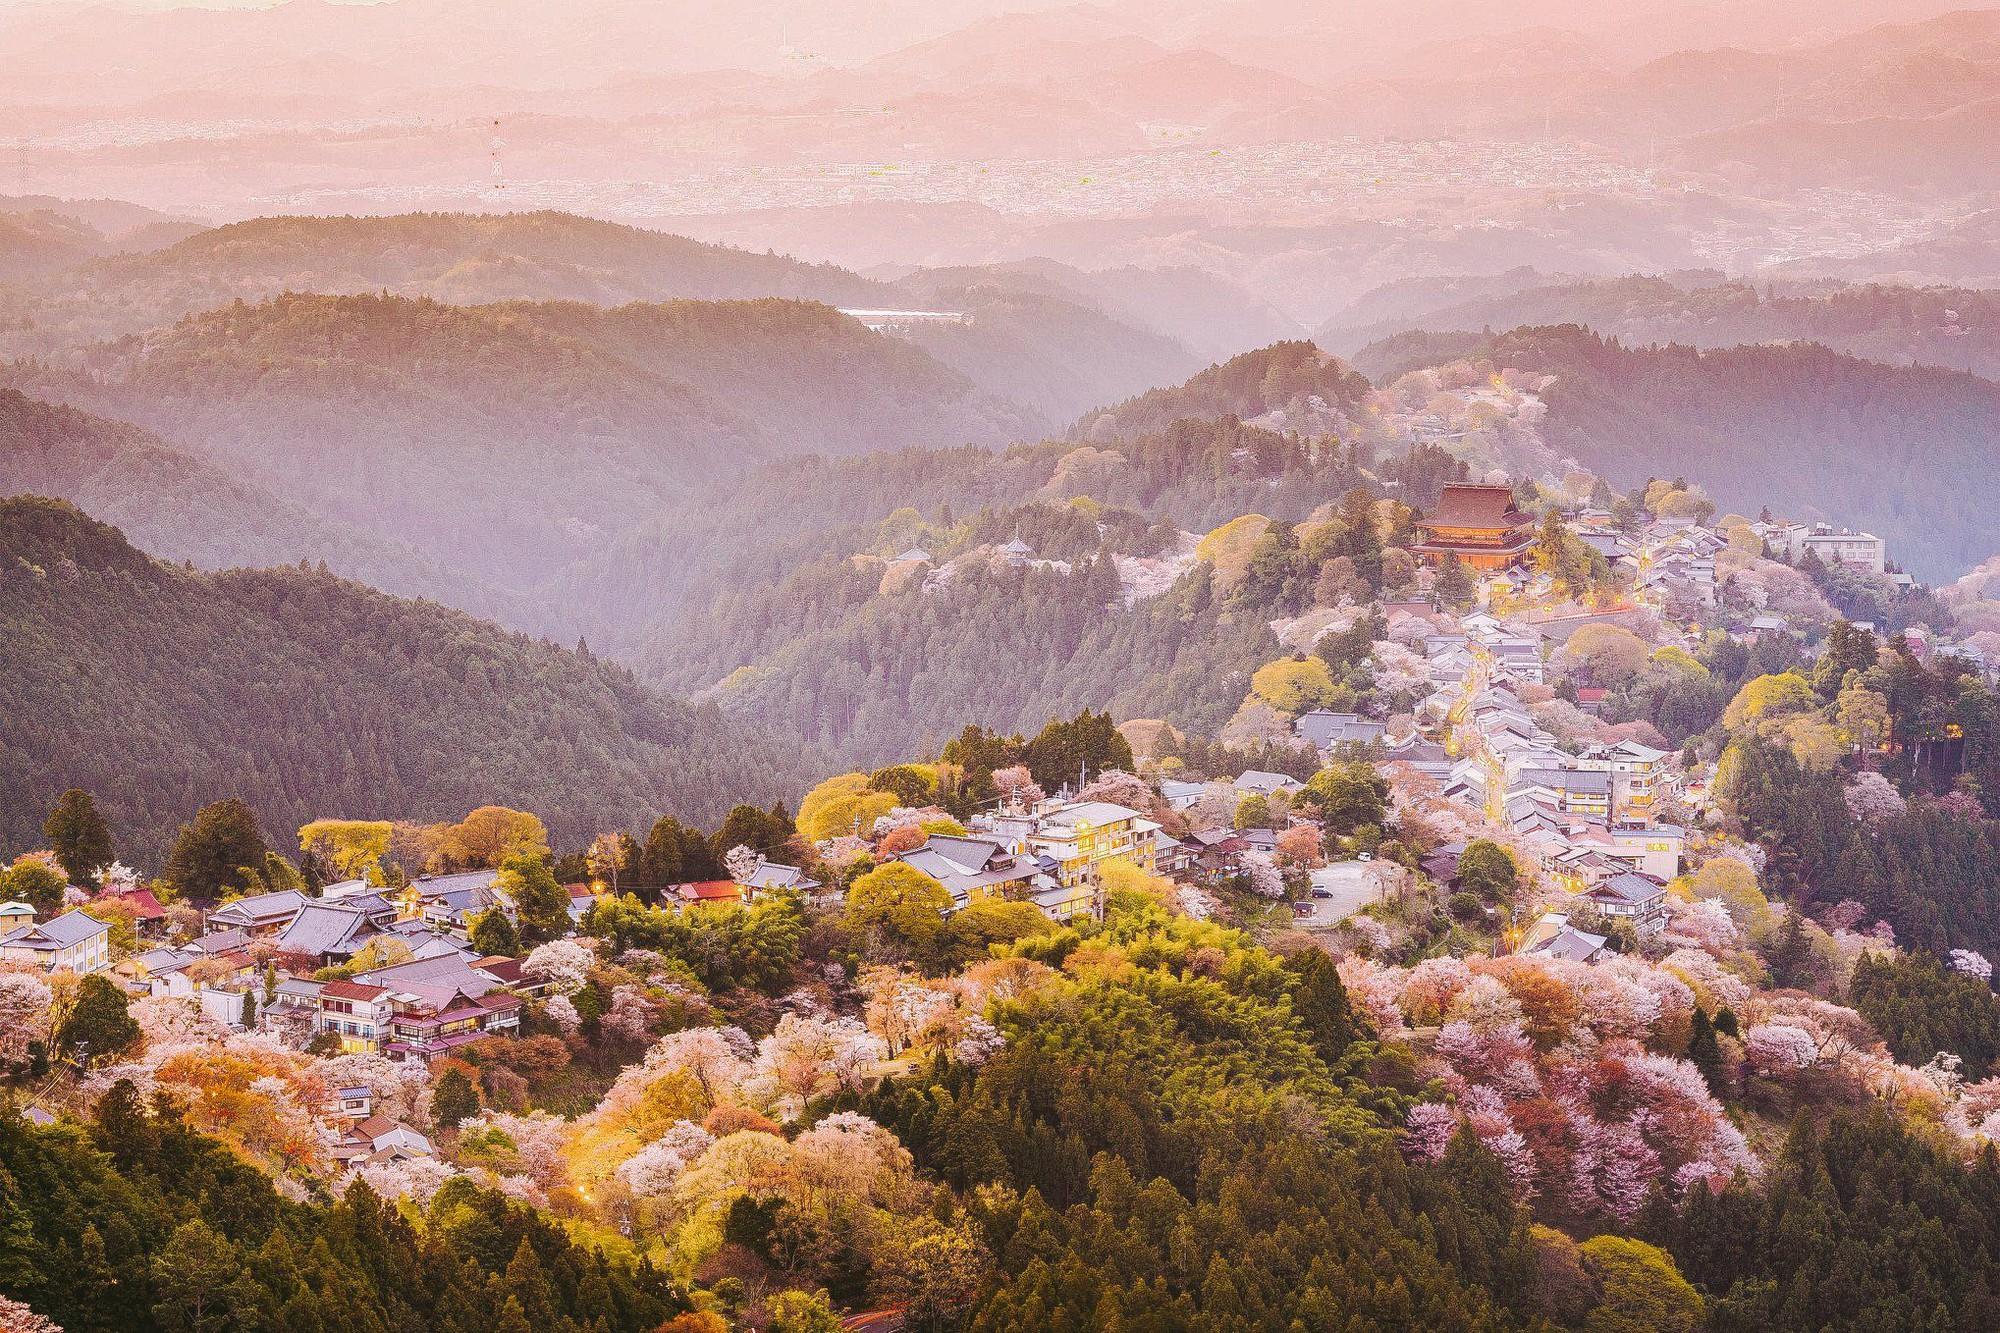 Quên Tokyo hay Kyoto đi, đây mới là nơi có nhiều hoa anh đào nhất Nhật Bản này! - Ảnh 1.